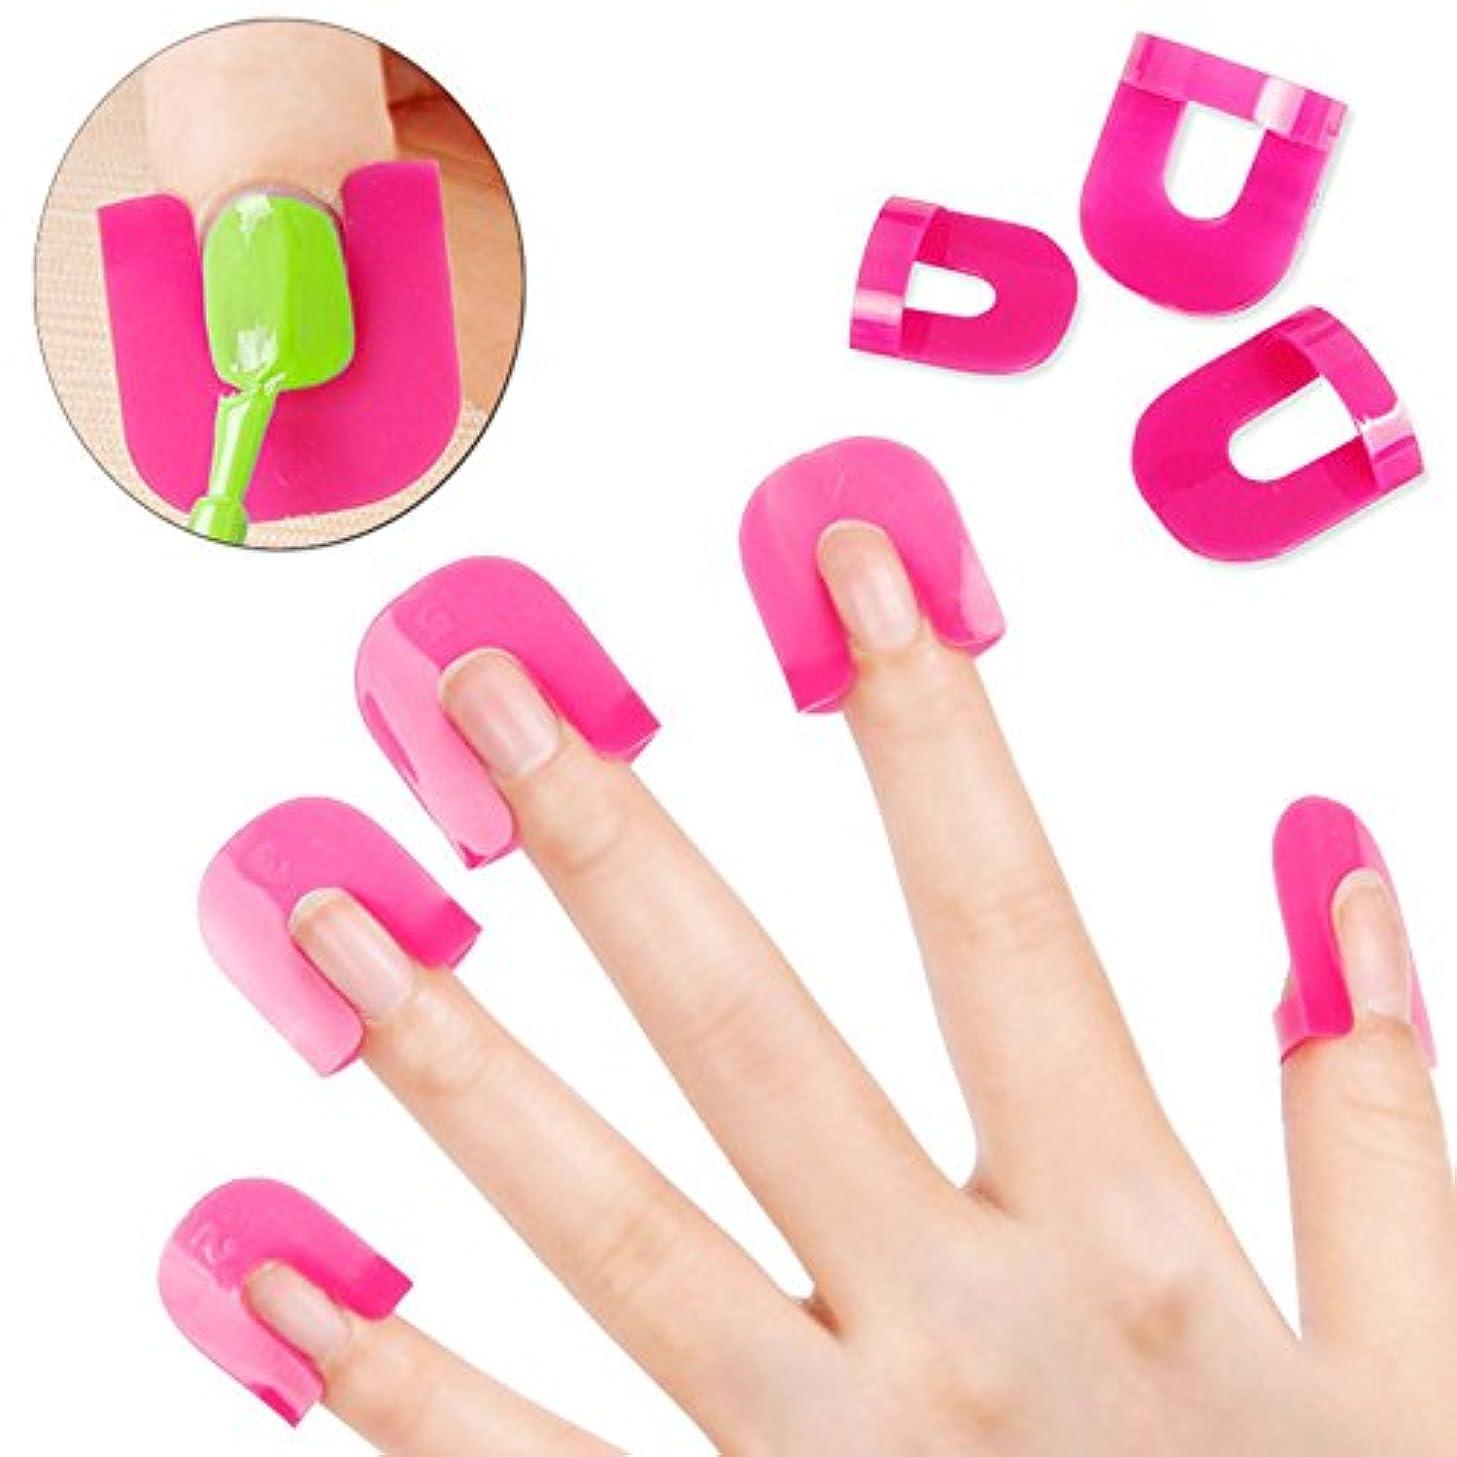 面積コンピューターメールを書くNew 26PCS Professional French Nail Art Manicure Stickers Tips Finger Cover Polish Shield Protector Plastic Case Salon Tools Set